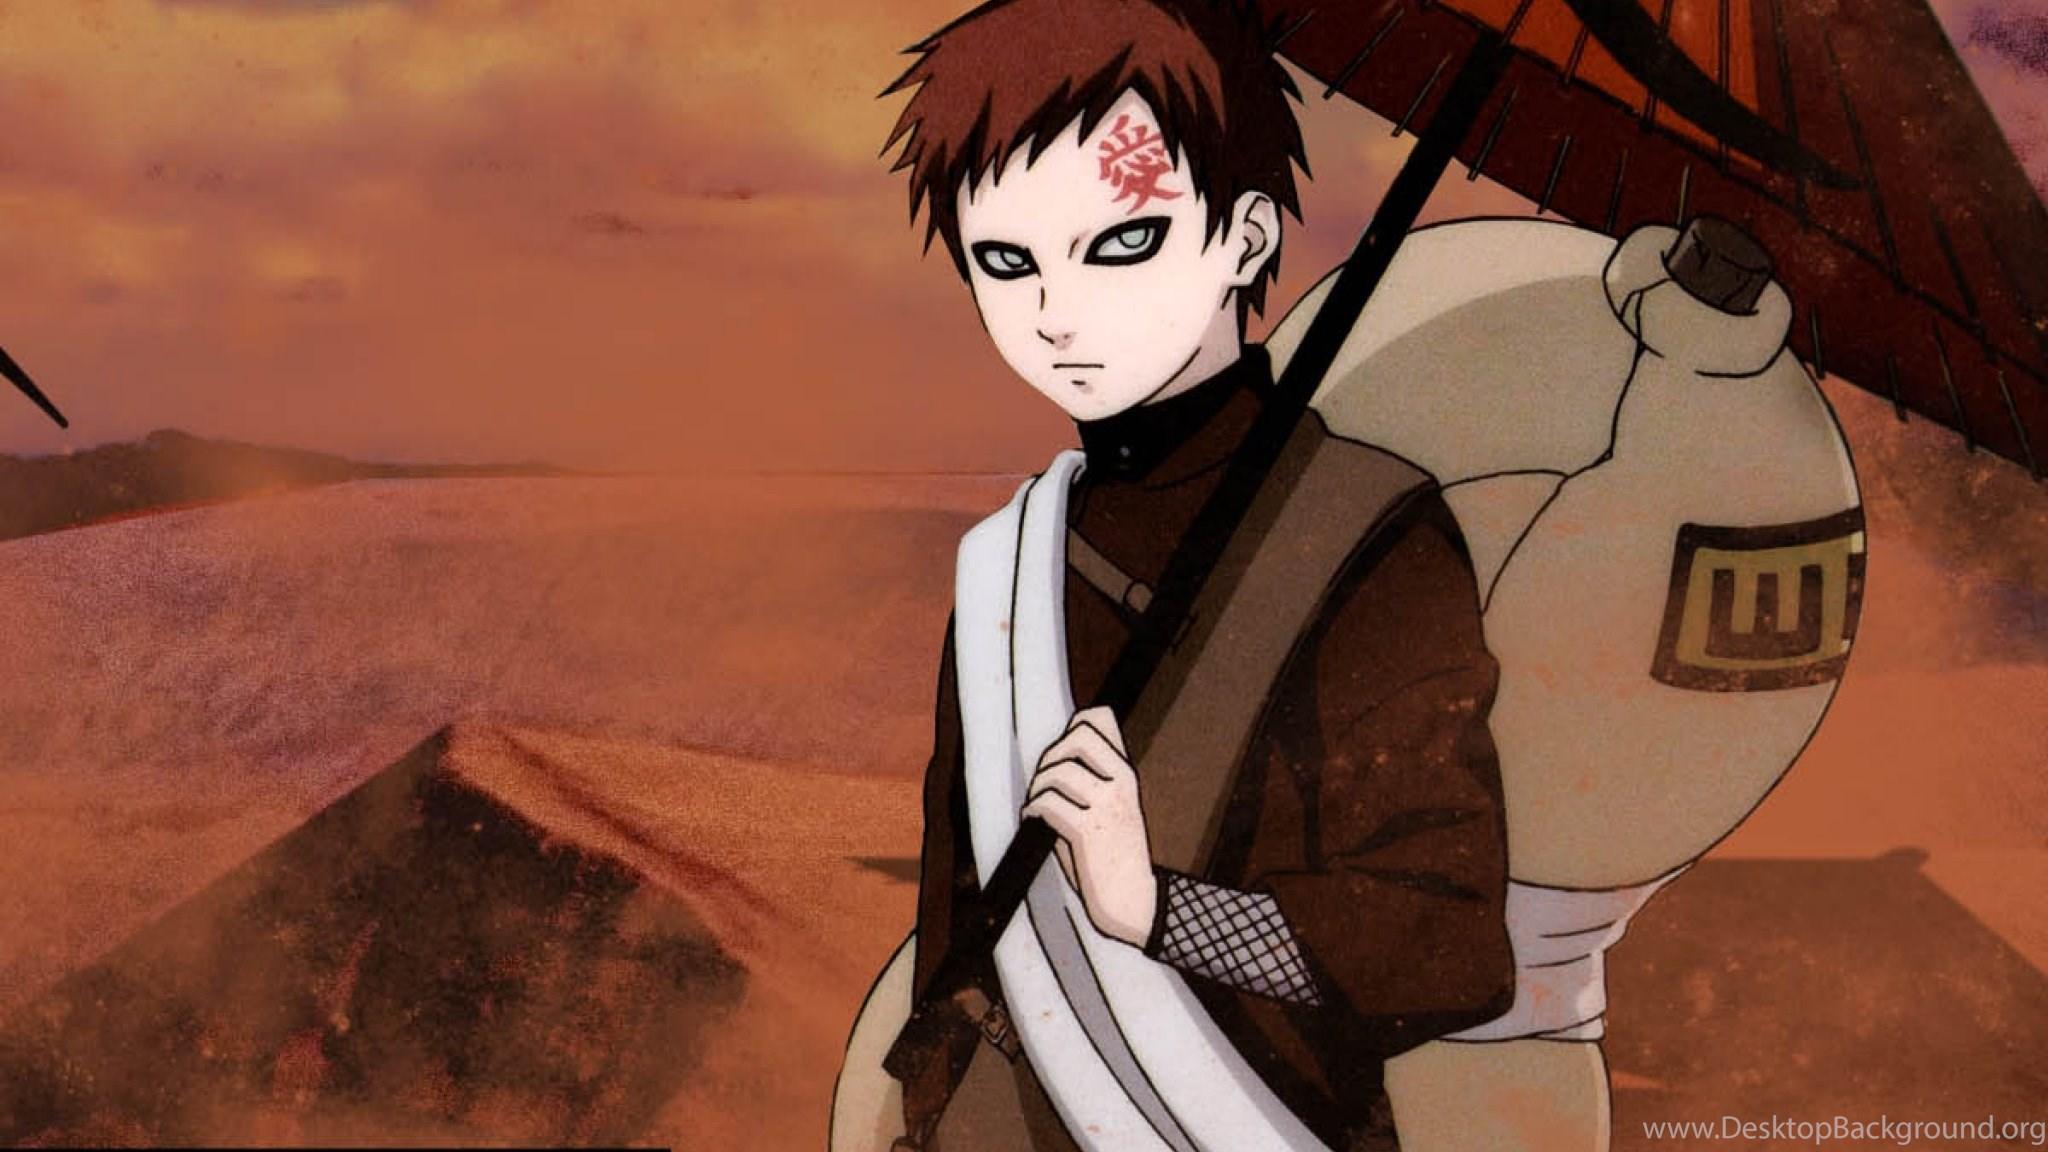 Wonderful Wallpaper Naruto Ipad - 868027_naruto-shippuden-gaara-ipad-3-4-air-wallpapers_2048x2048_h  Collection_892913.jpg